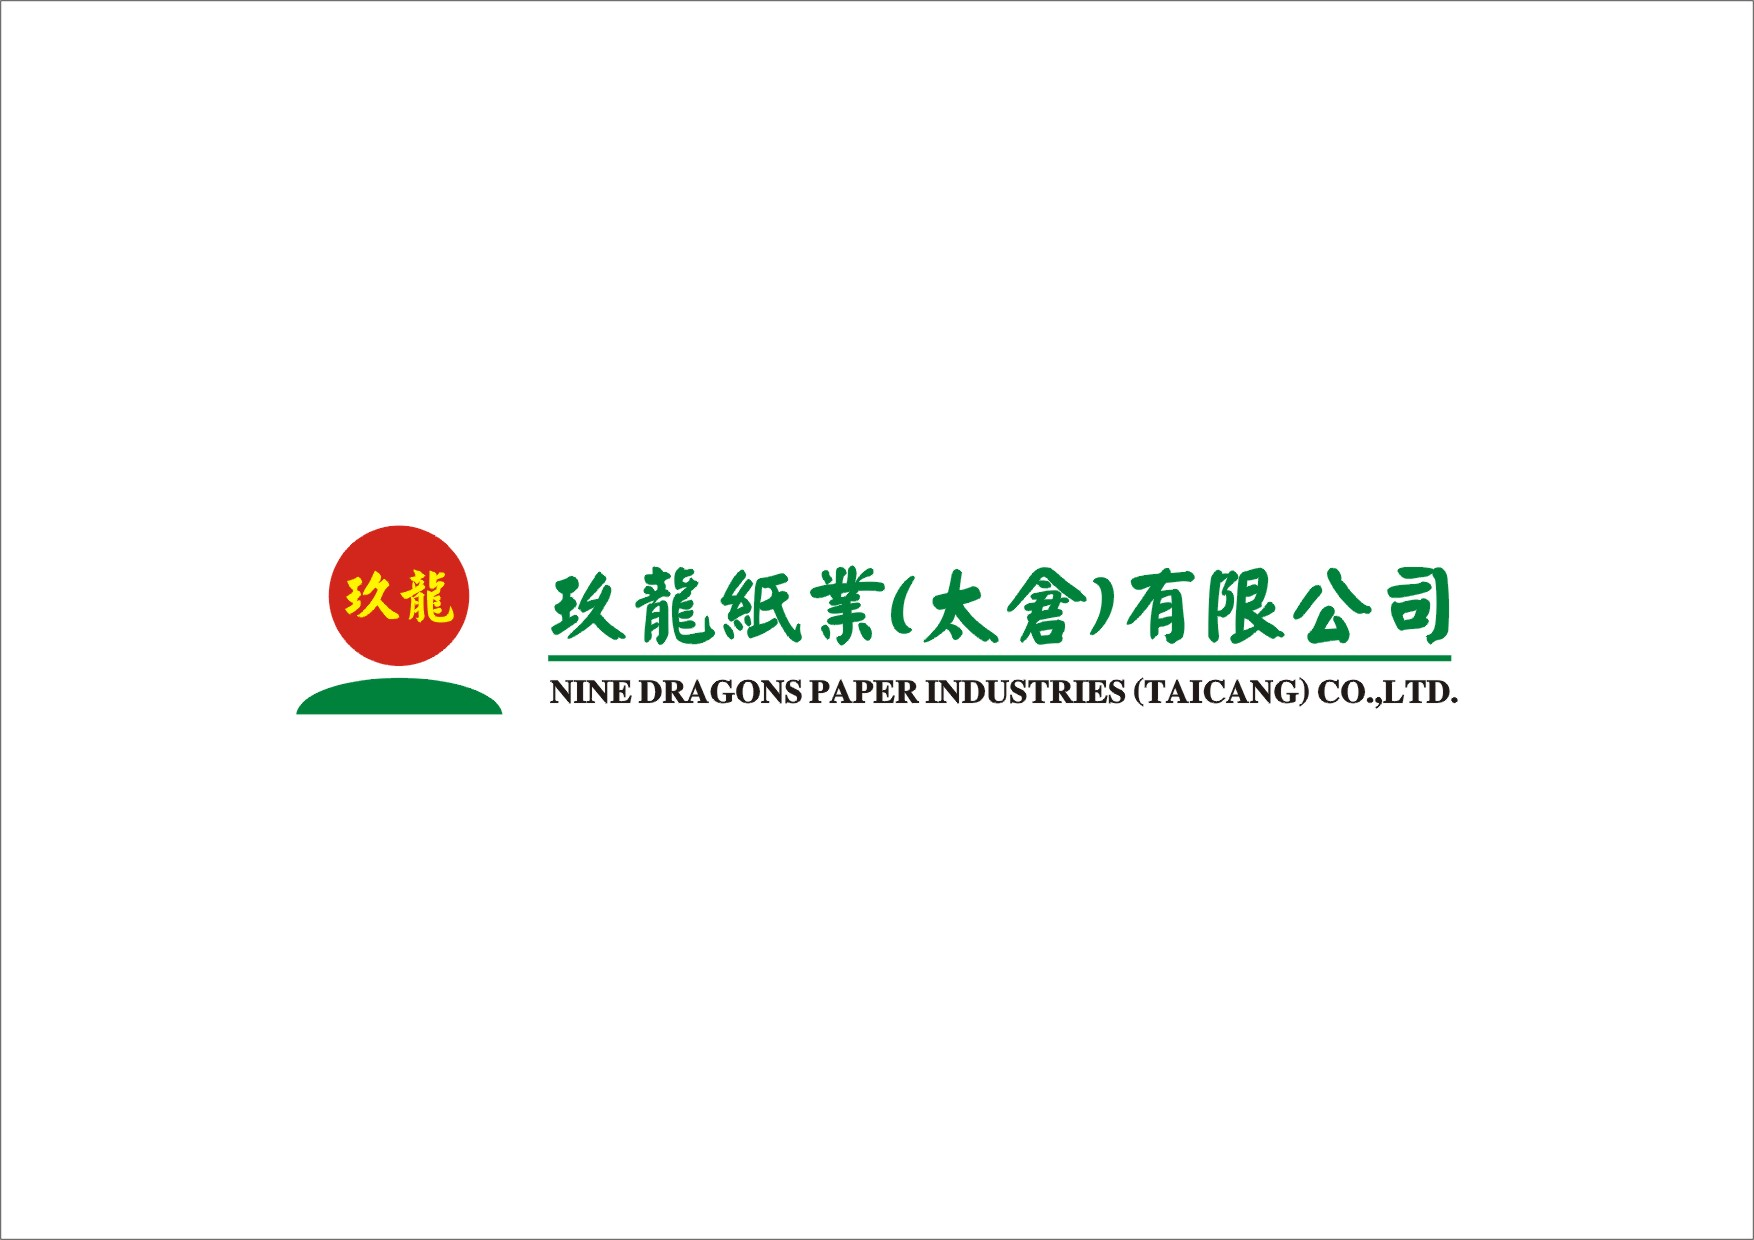 玖龙纸业(太仓)有限公司